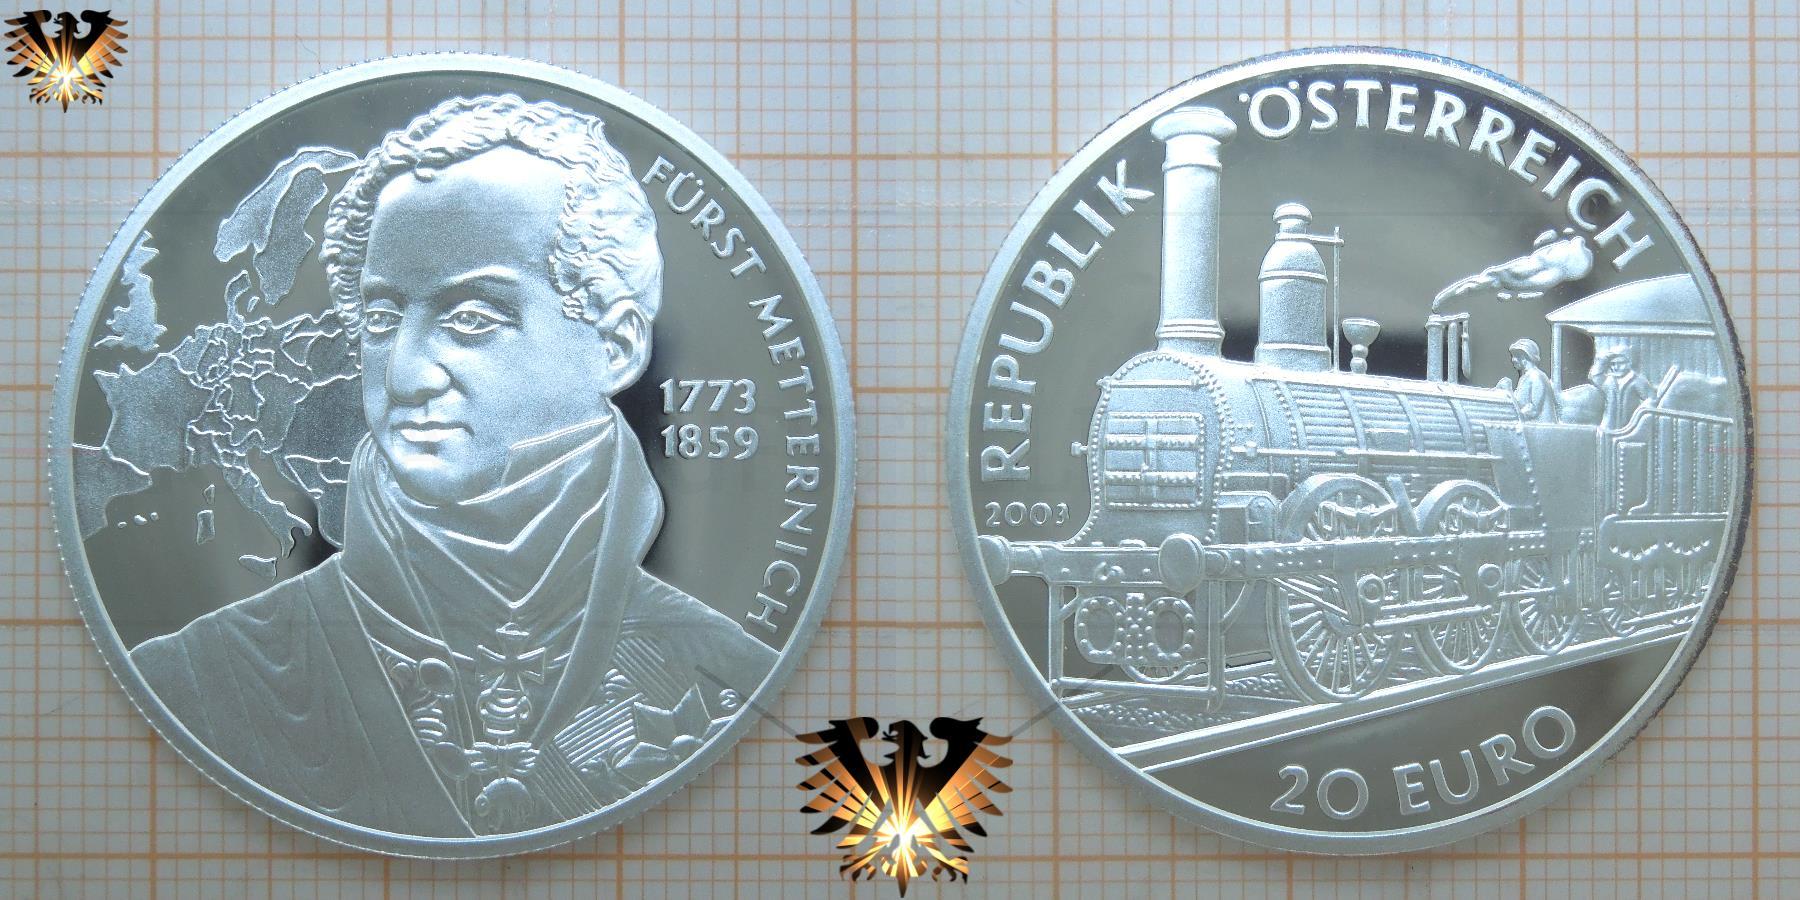 Münze österreich Wert 20 Euro 2003 Gedenkmünze Metternich